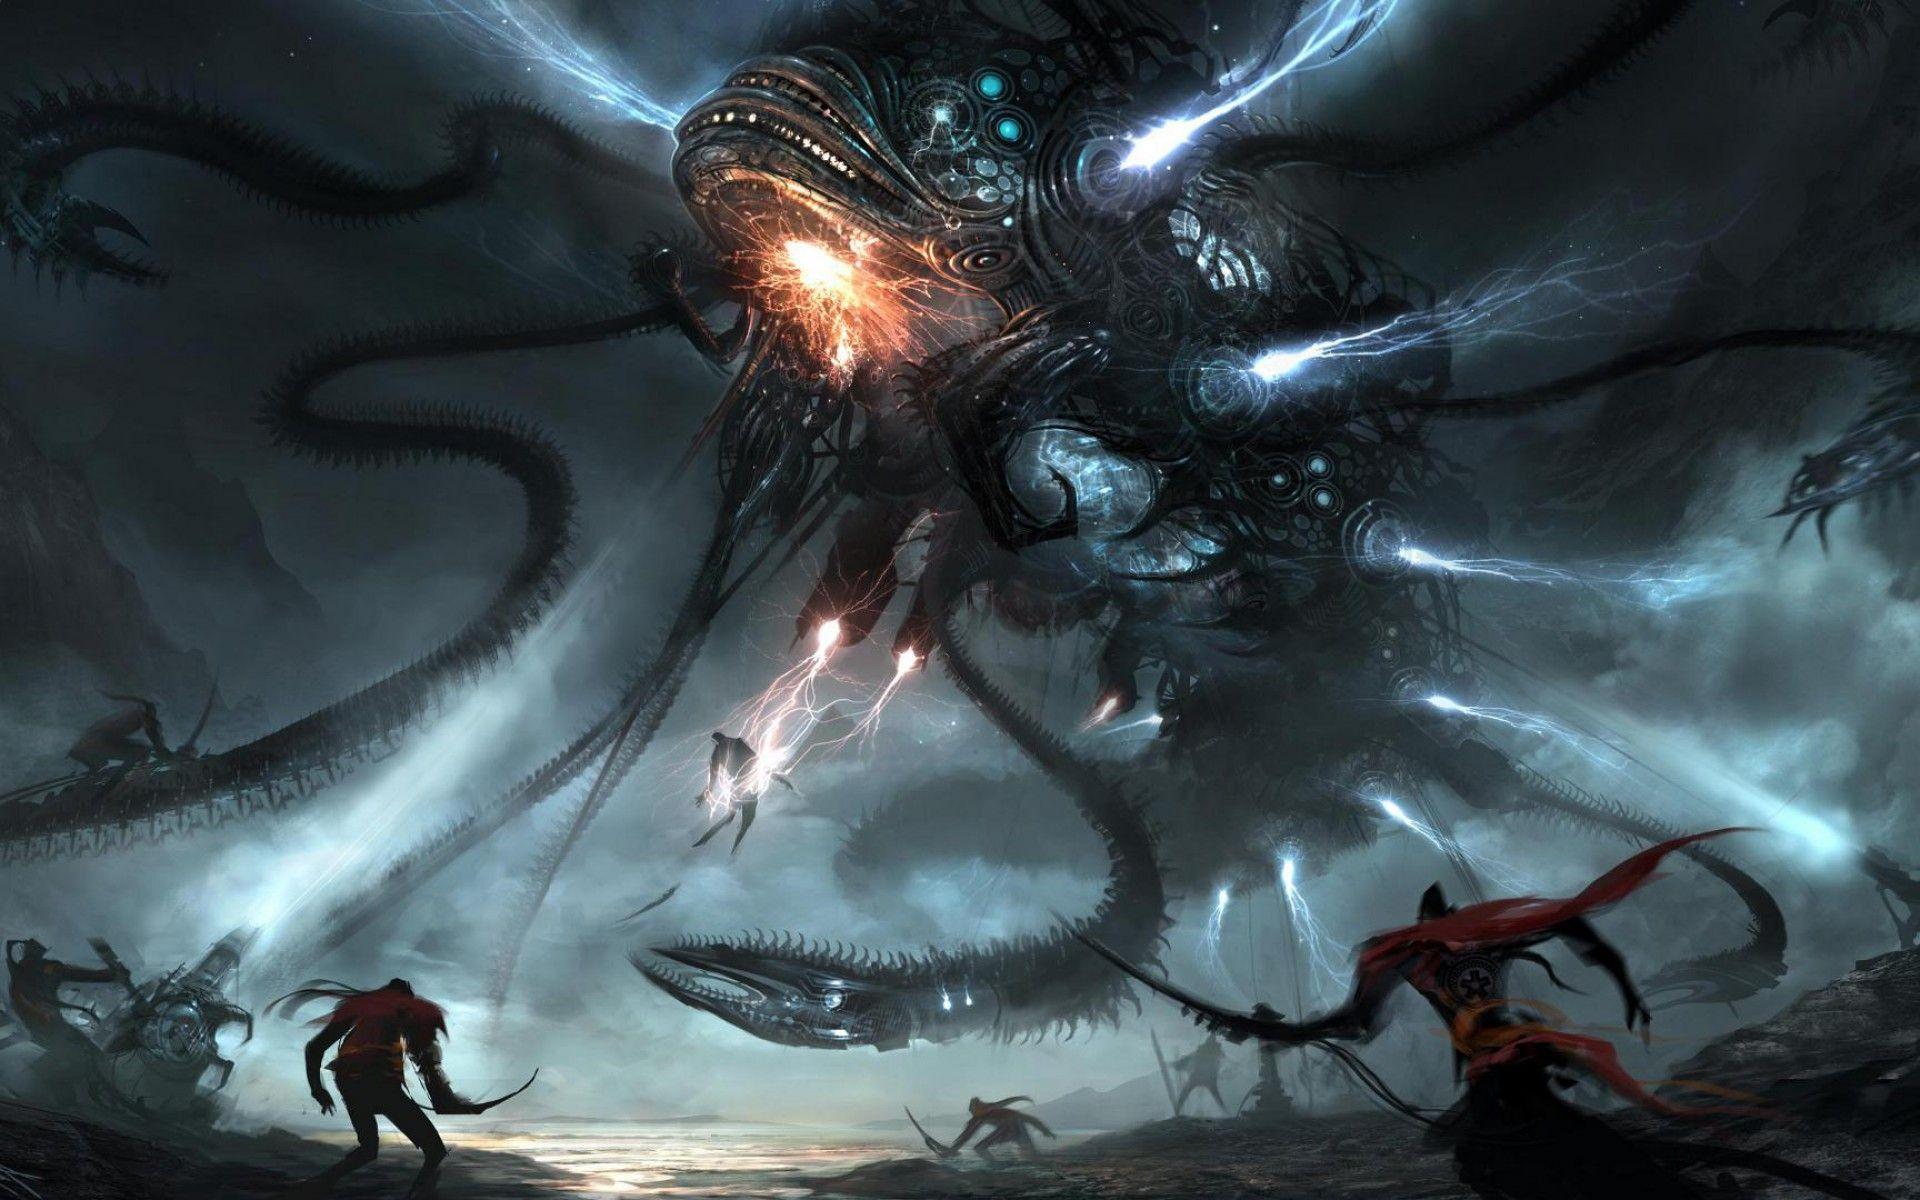 Giant Monster Wallpaper Part 4 Album On Imgur Dark Fantasy Art Fantasy Art Art